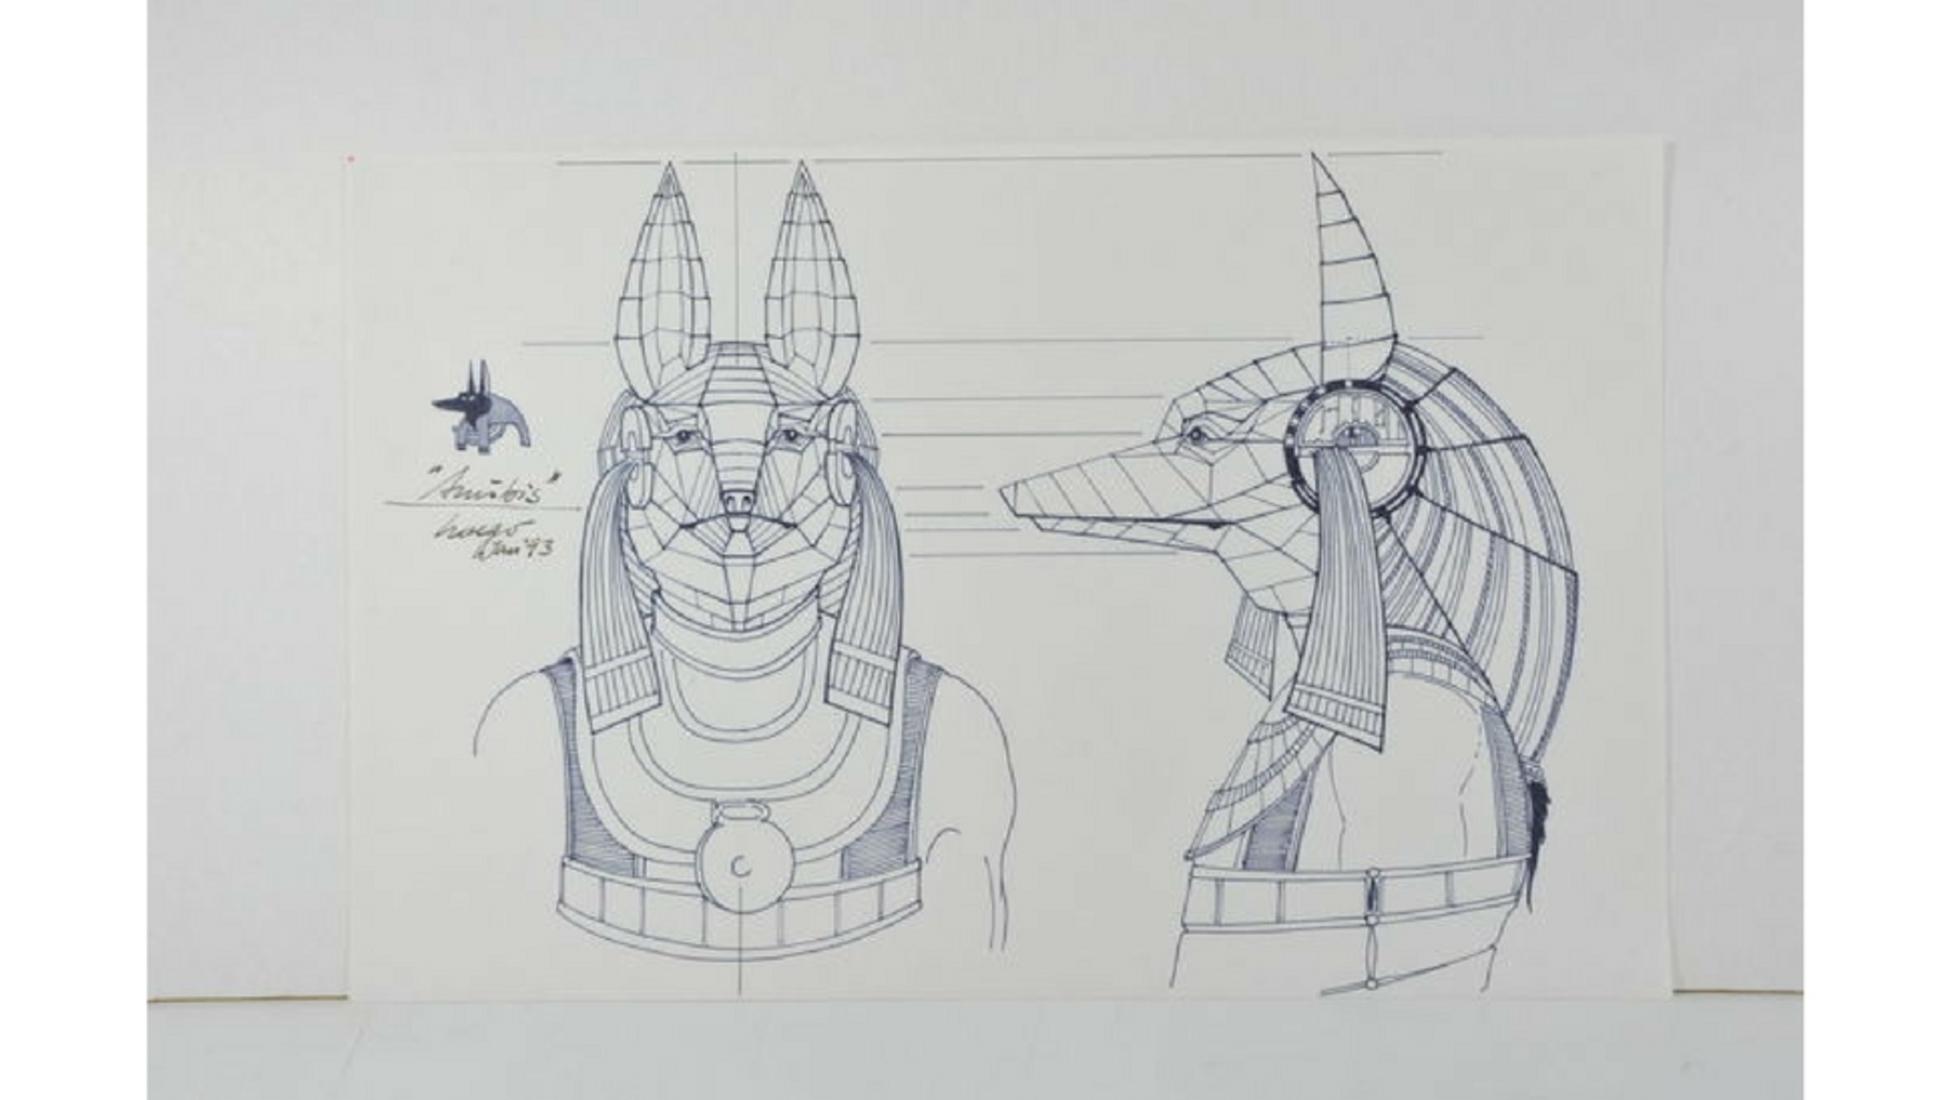 Flying Pyramids Fantasy Art